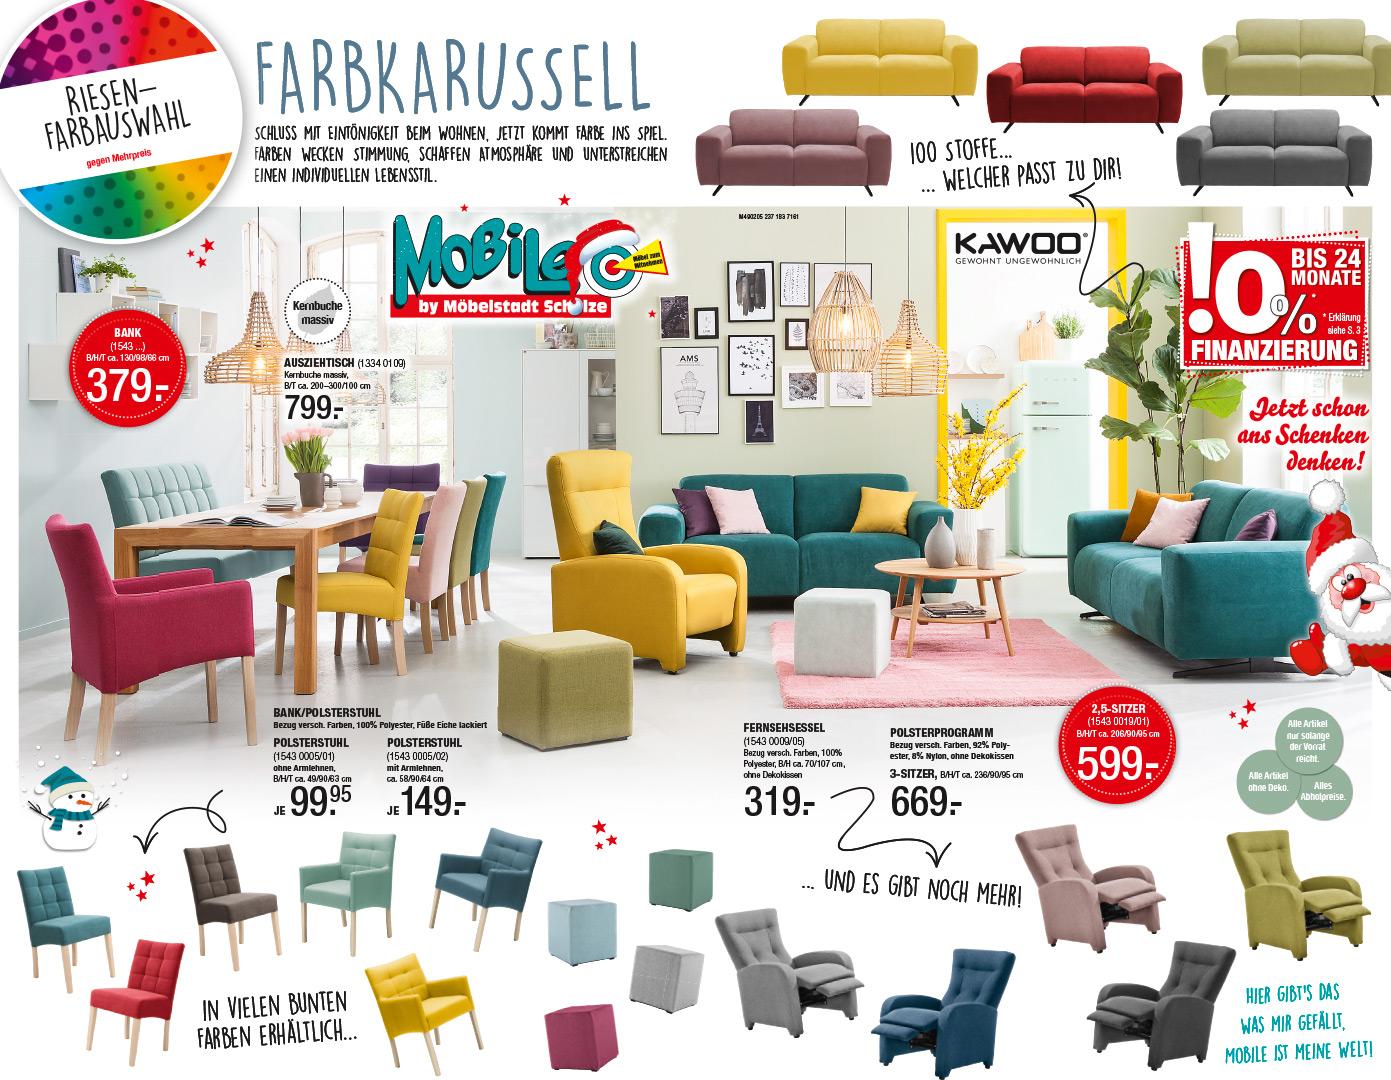 Riesen-Farbauswahl | Polster - und Esszimmermöbel in bunter Vielfalt